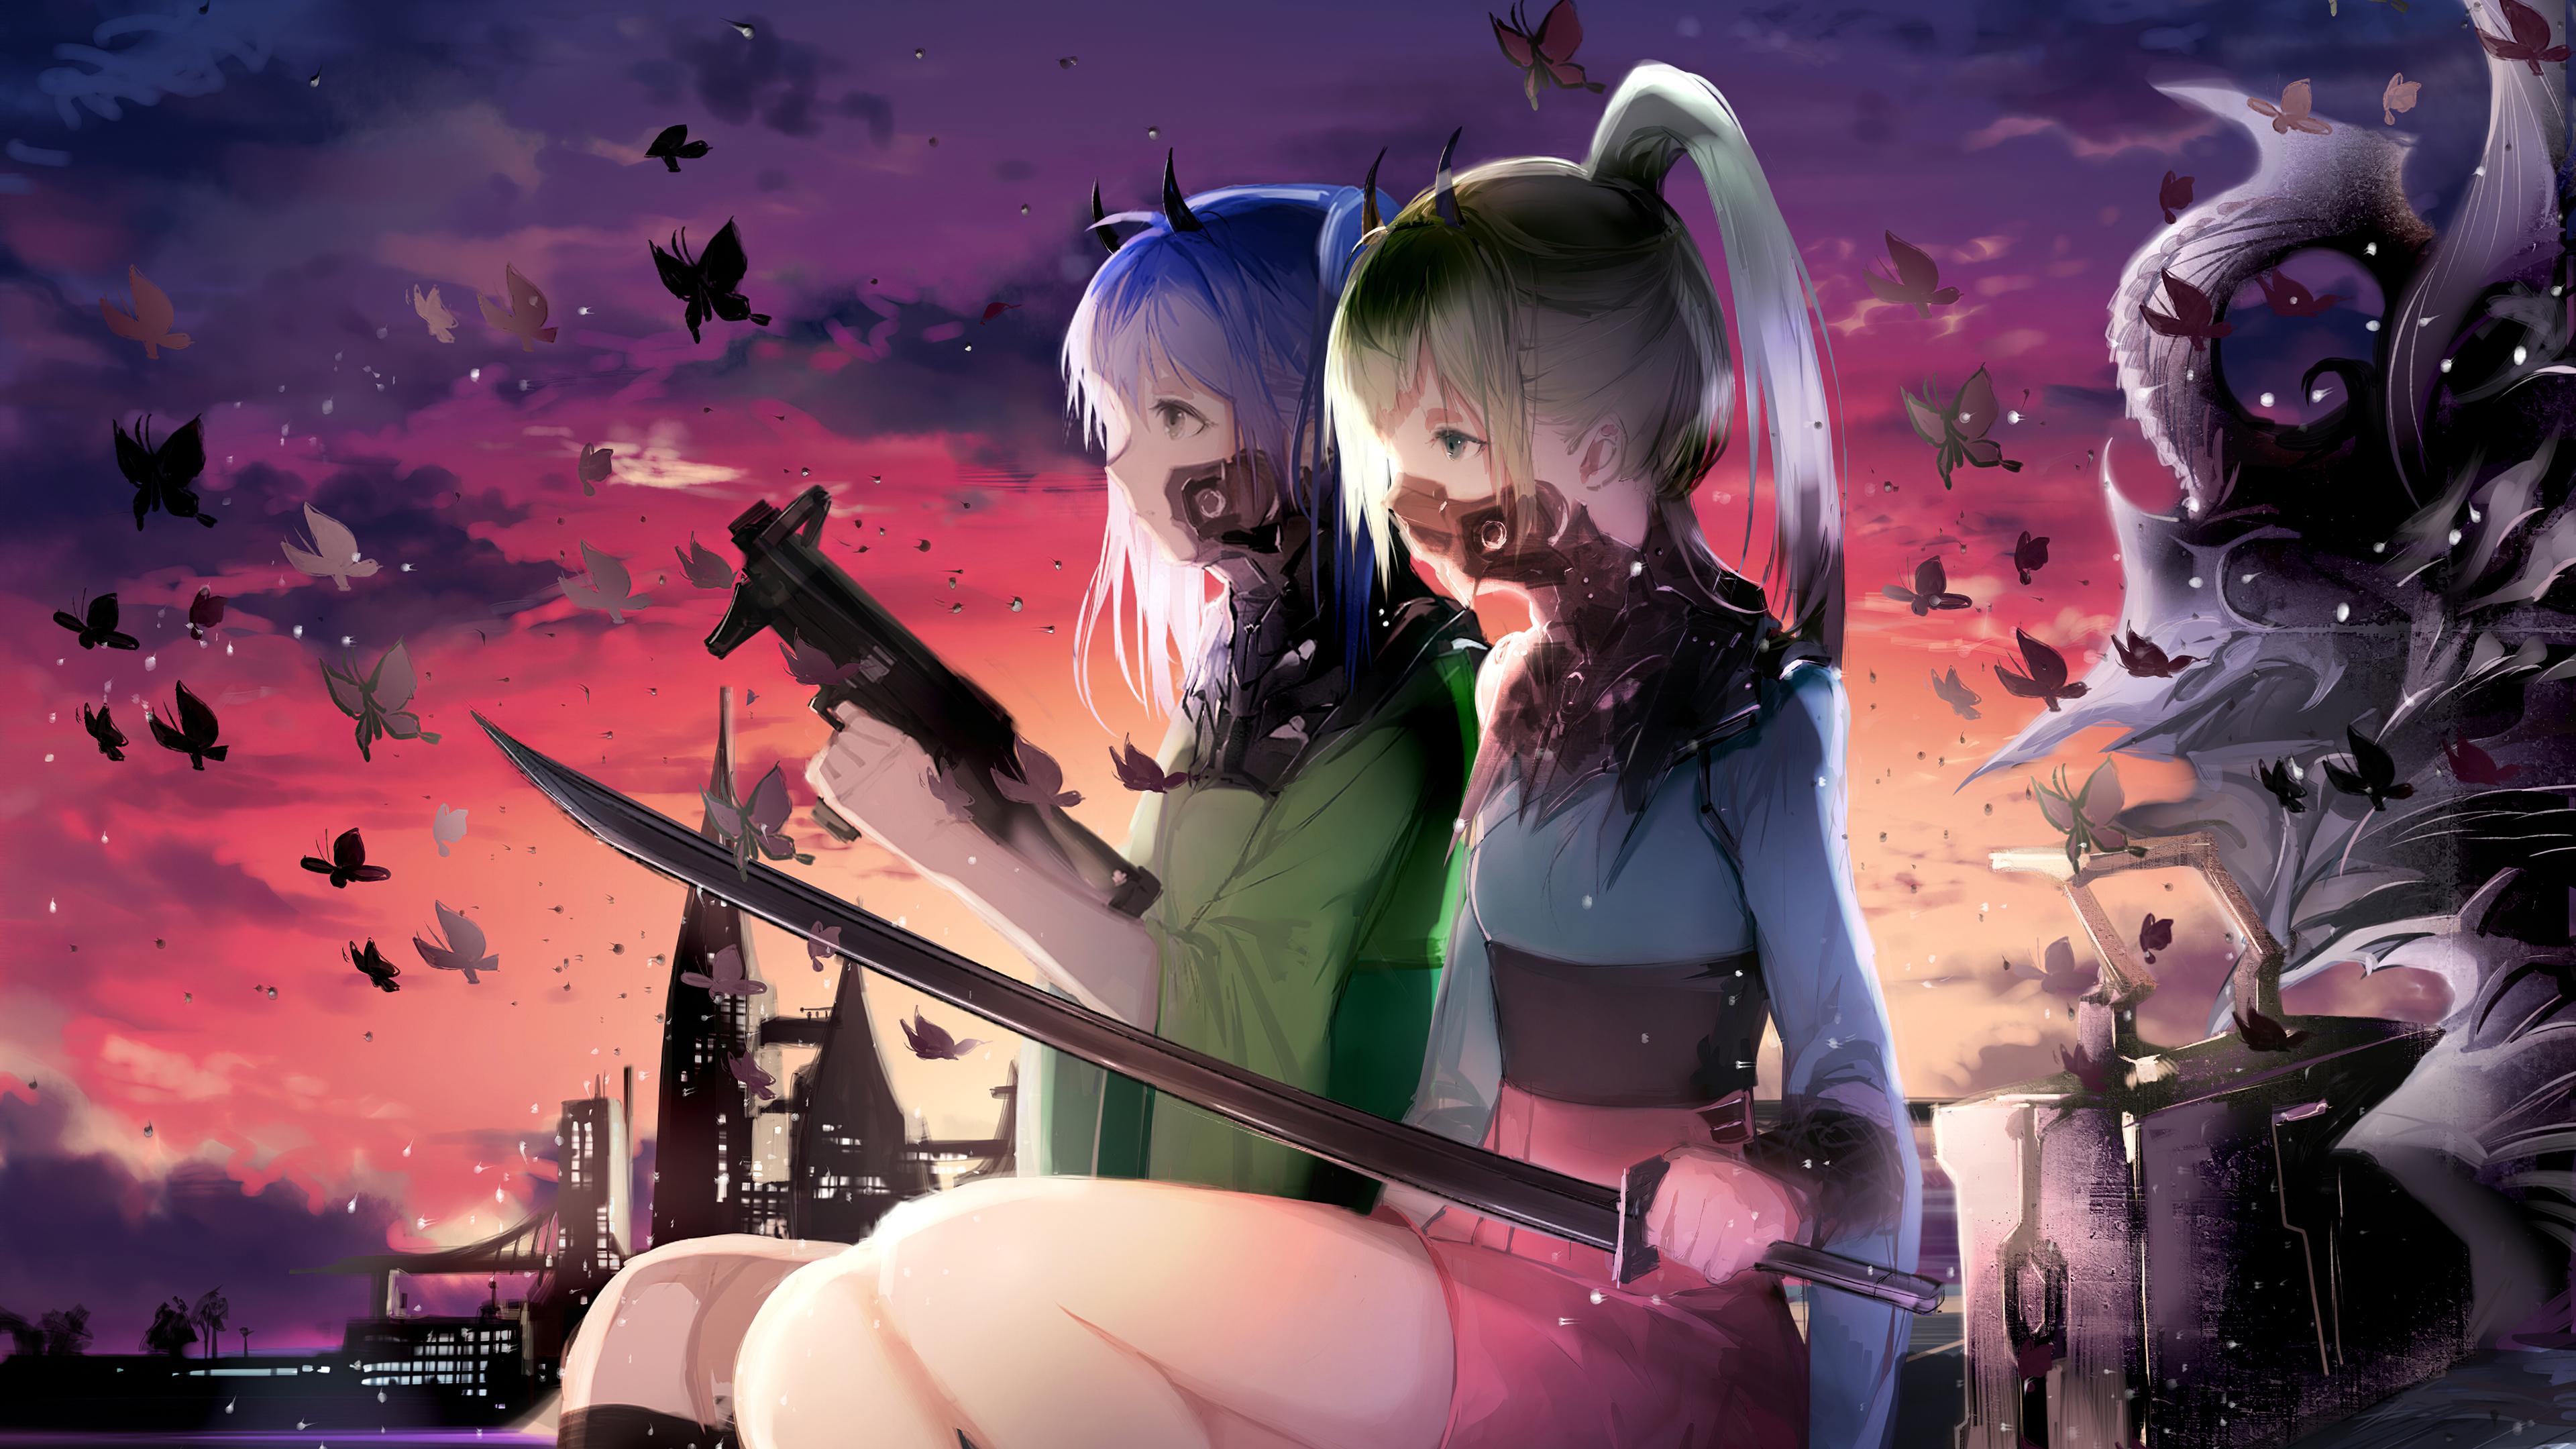 anime girls horned 1578254331 - Anime Girls Horned -